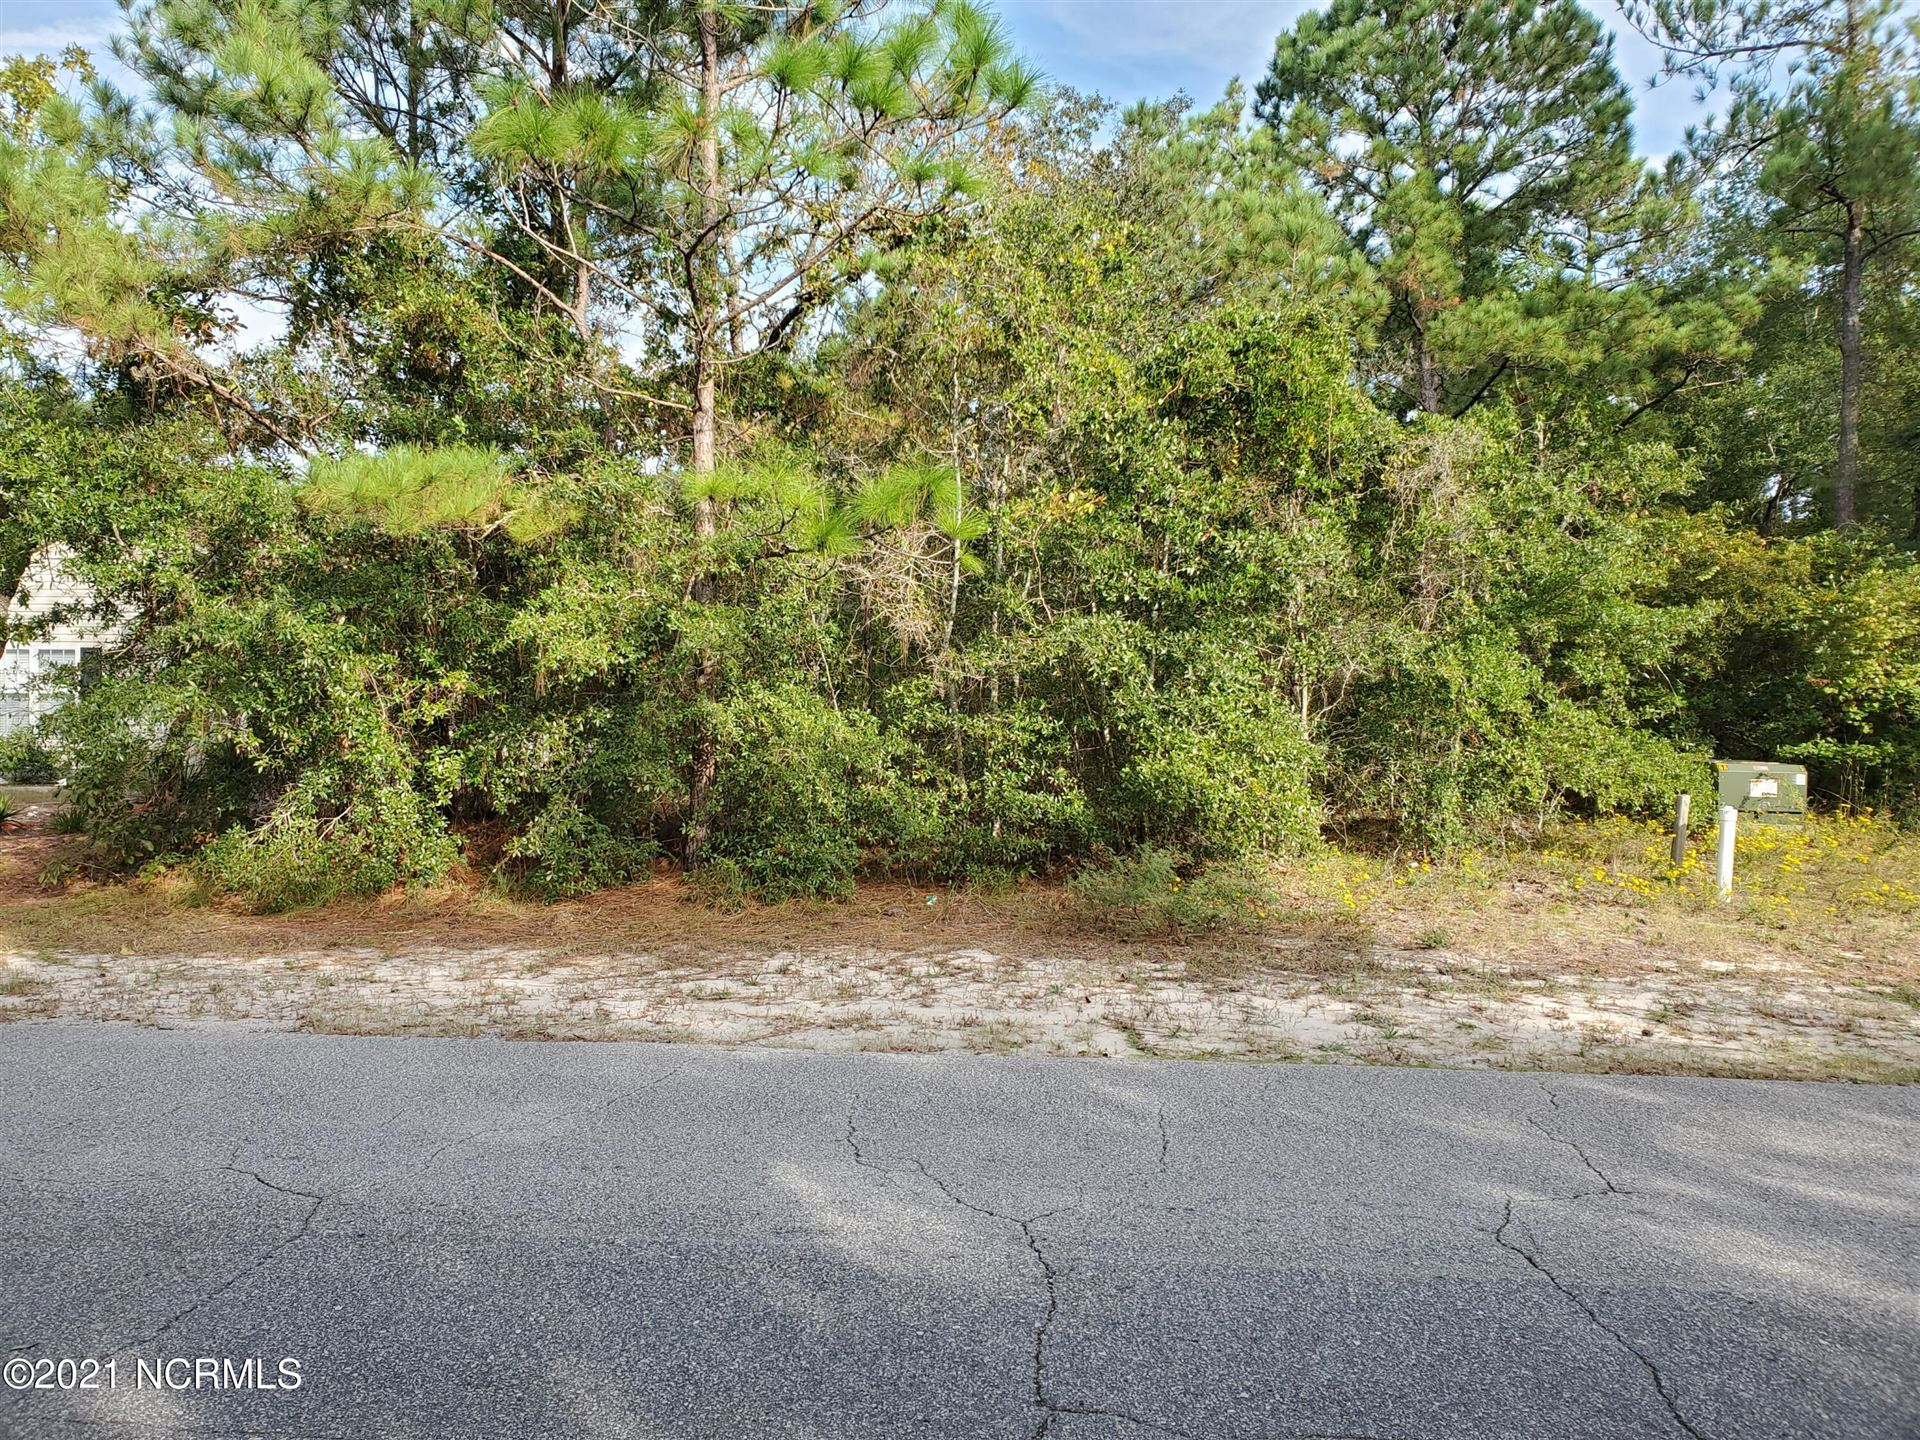 Photo of L - 57 NW 14th Street, Oak Island, NC 28465 (MLS # 100294958)